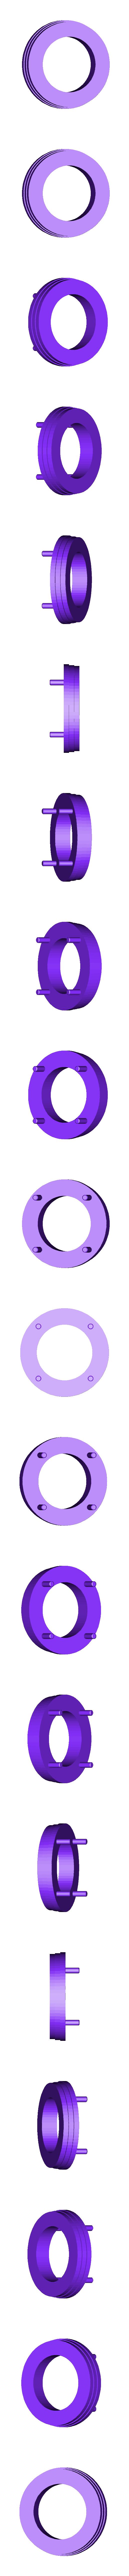 Ultimate_Crane_Pivot.stl Télécharger fichier STL gratuit Grue multi-pièces • Plan imprimable en 3D, ernestwallon3D